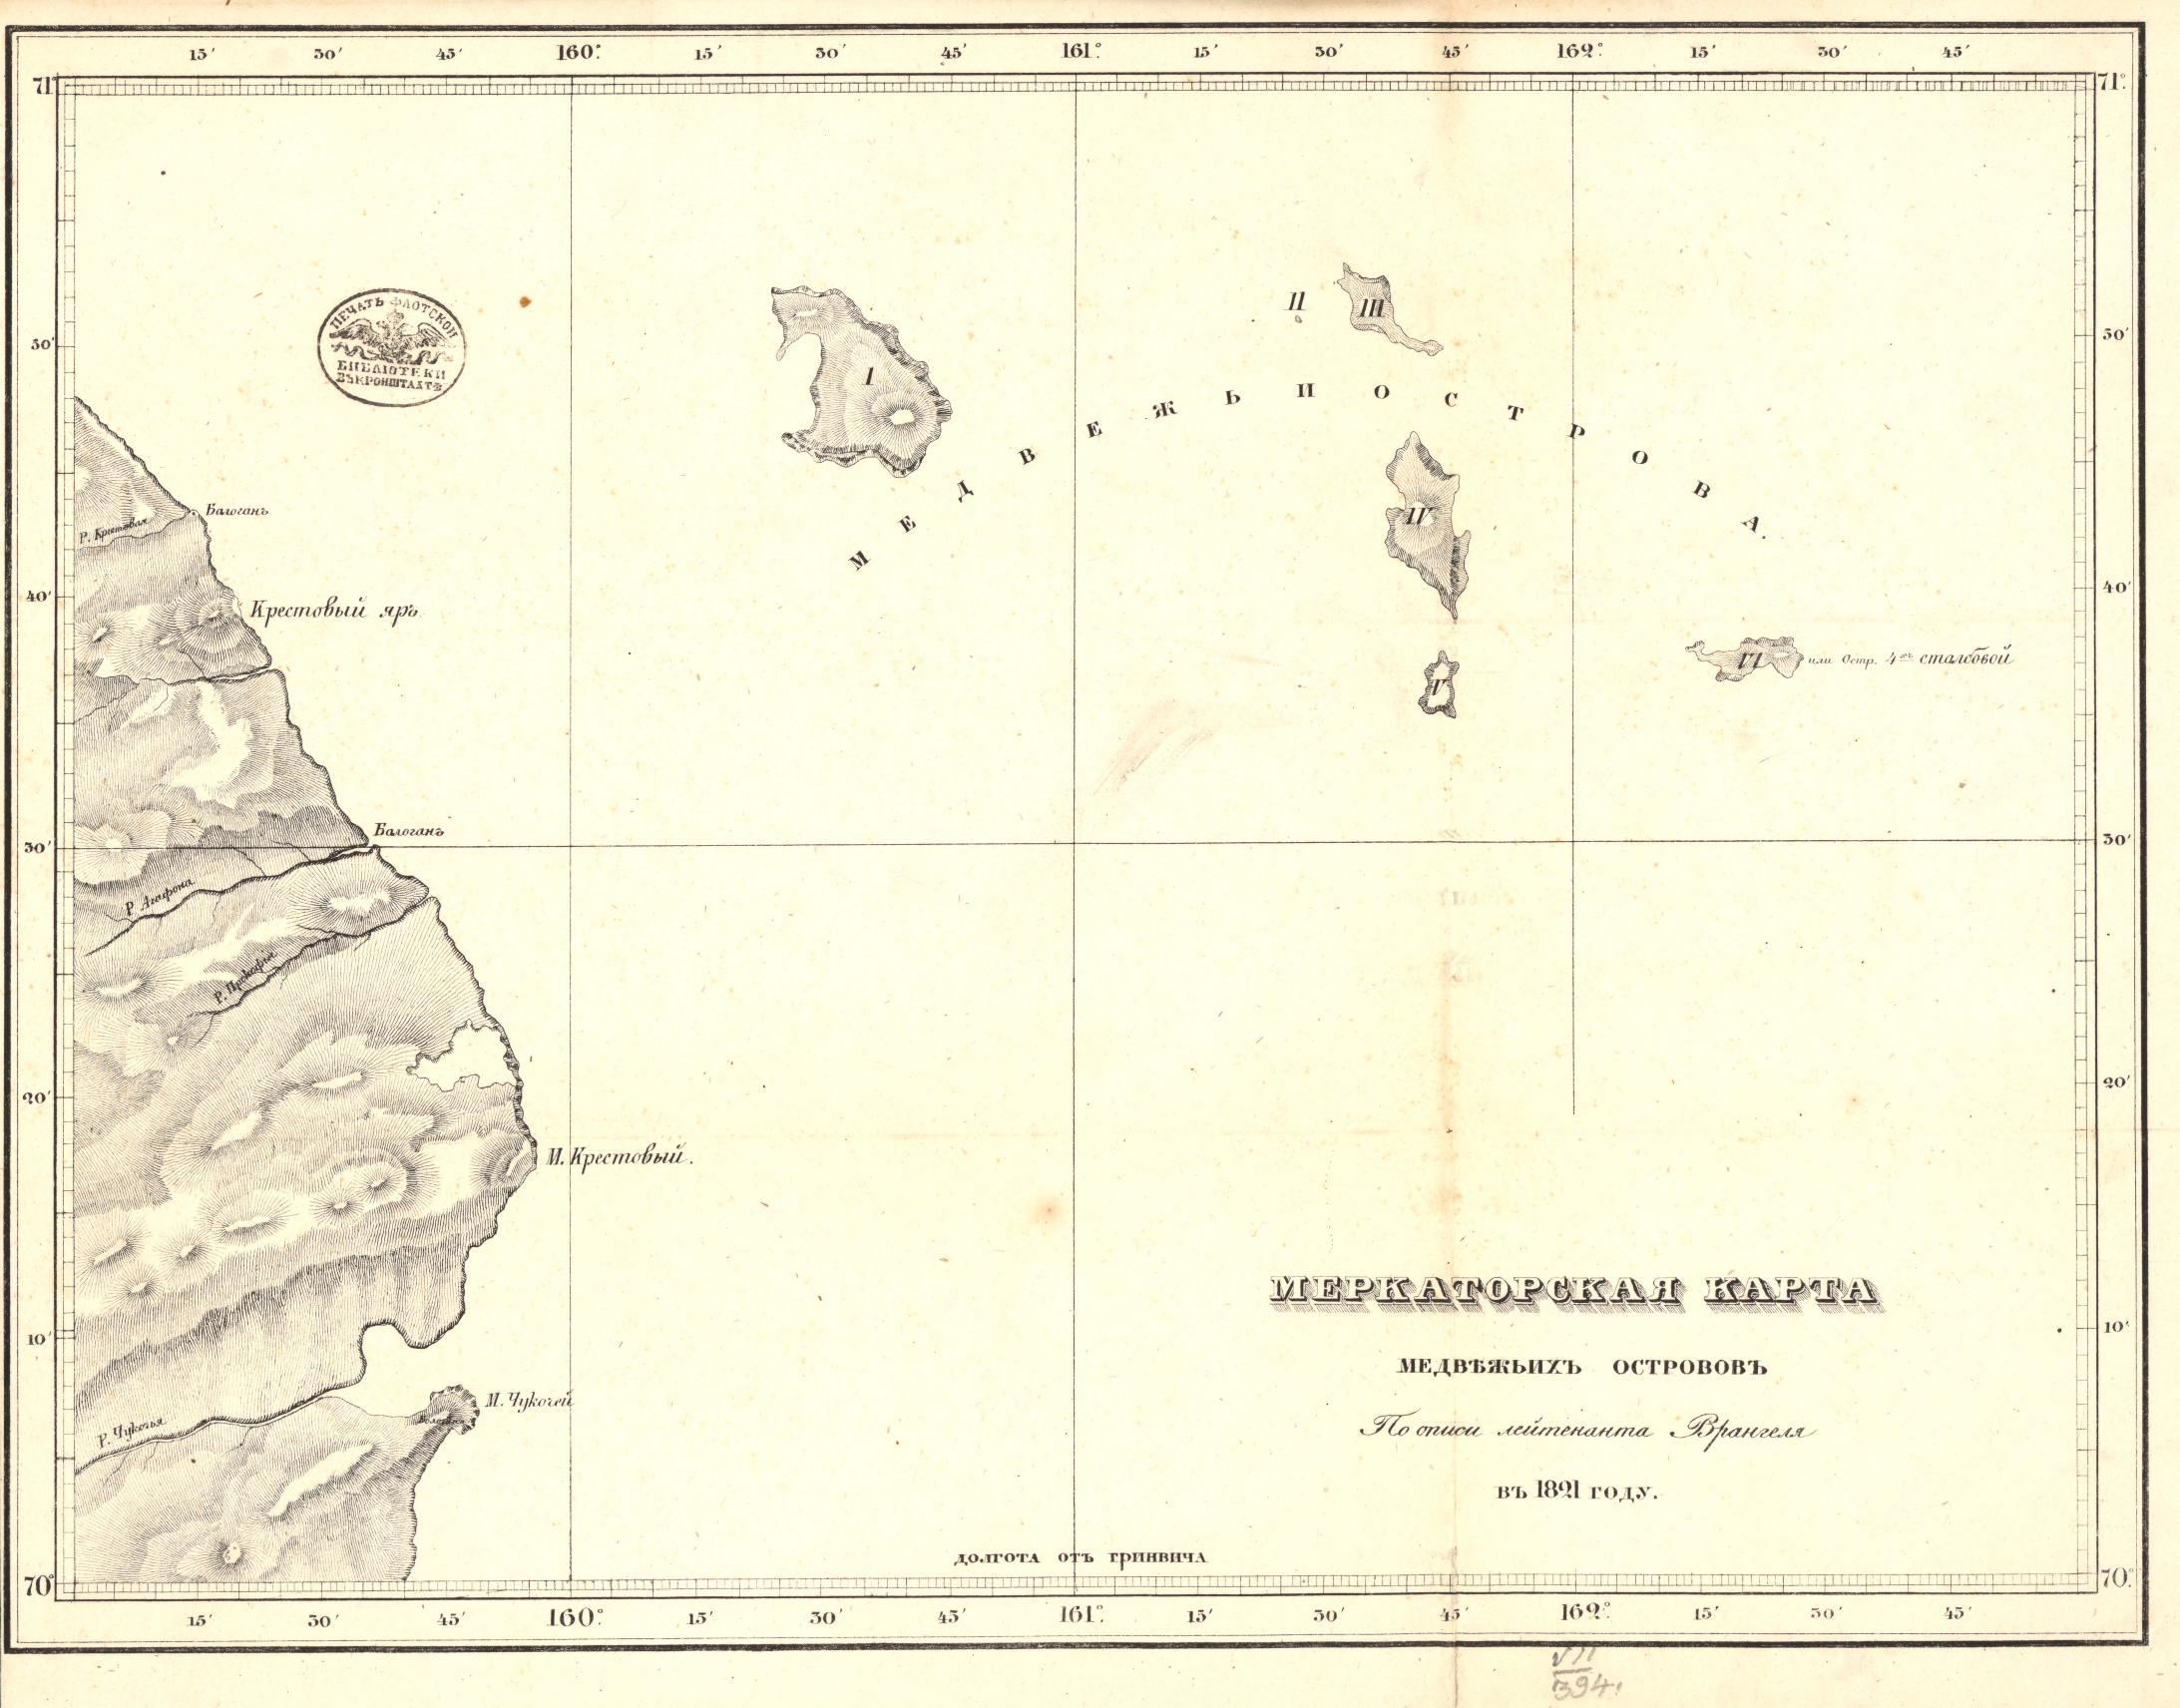 15. Меркаторская карта Медвежьих островов по описи лейтенанта Врангеля в 1821 году